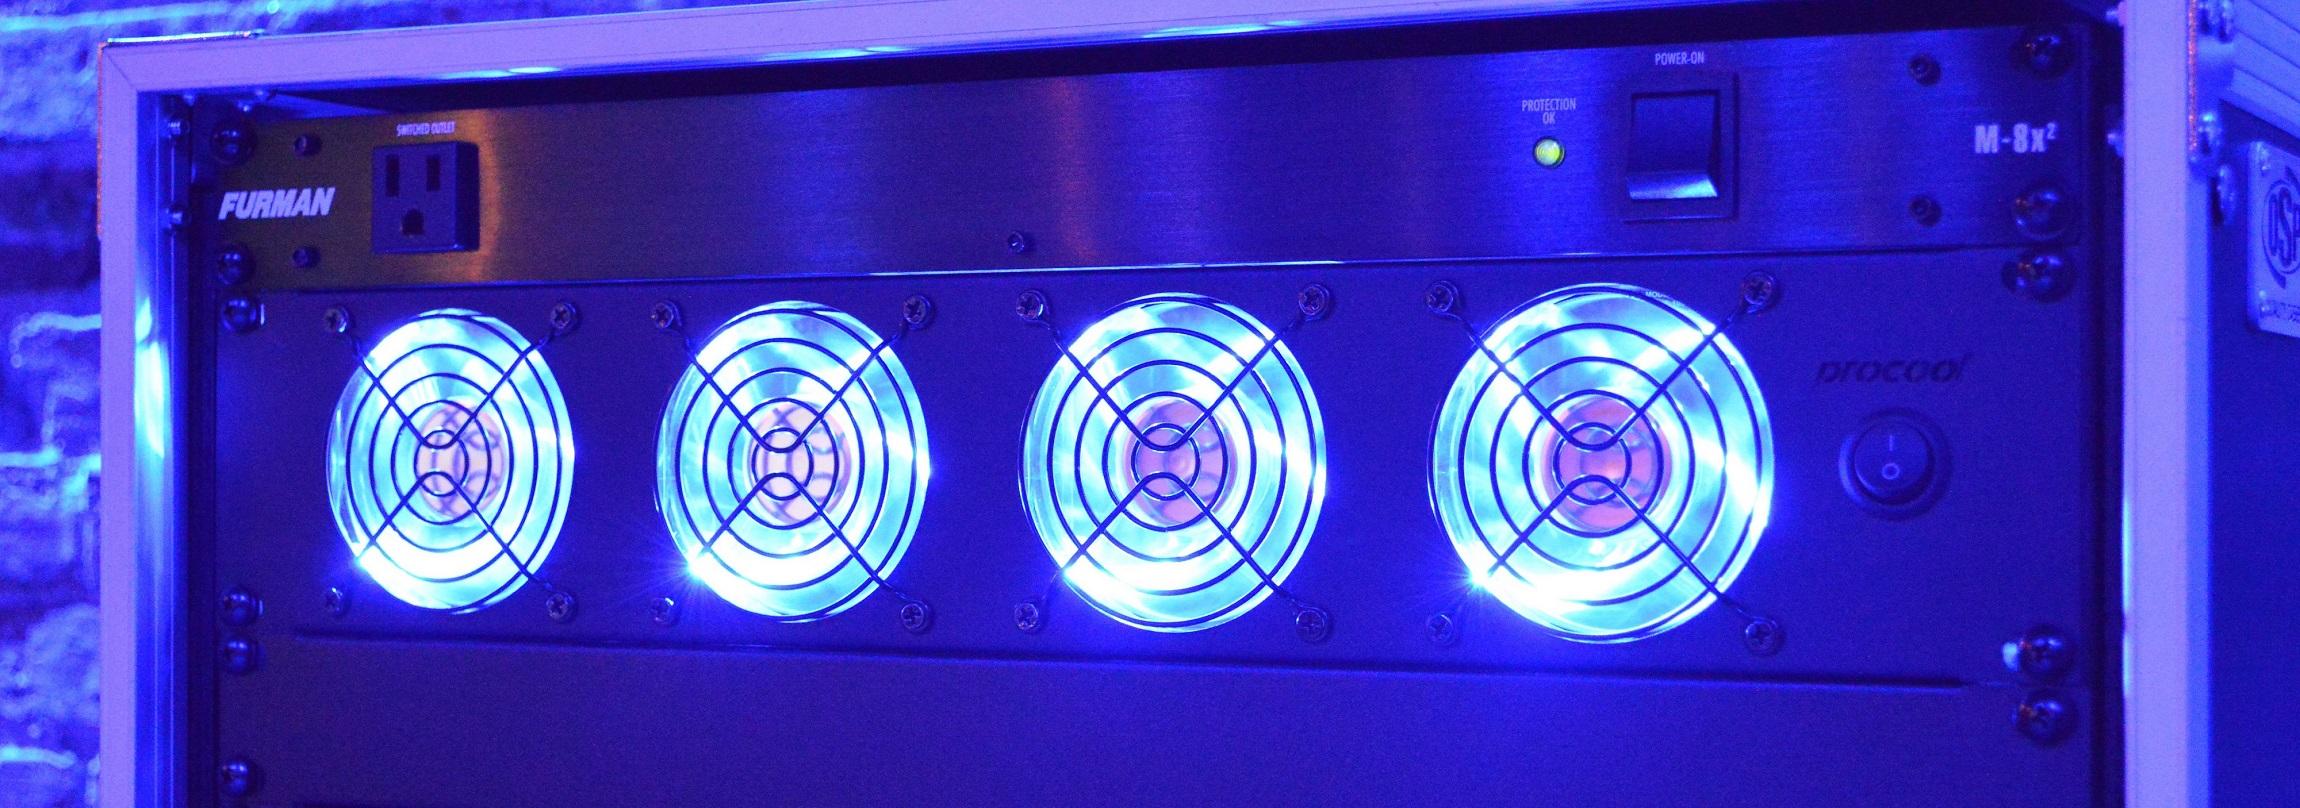 Details About Procool Sl480b E 2u Rack Mount Exhaust Fan Blue Led Fans 2 Es